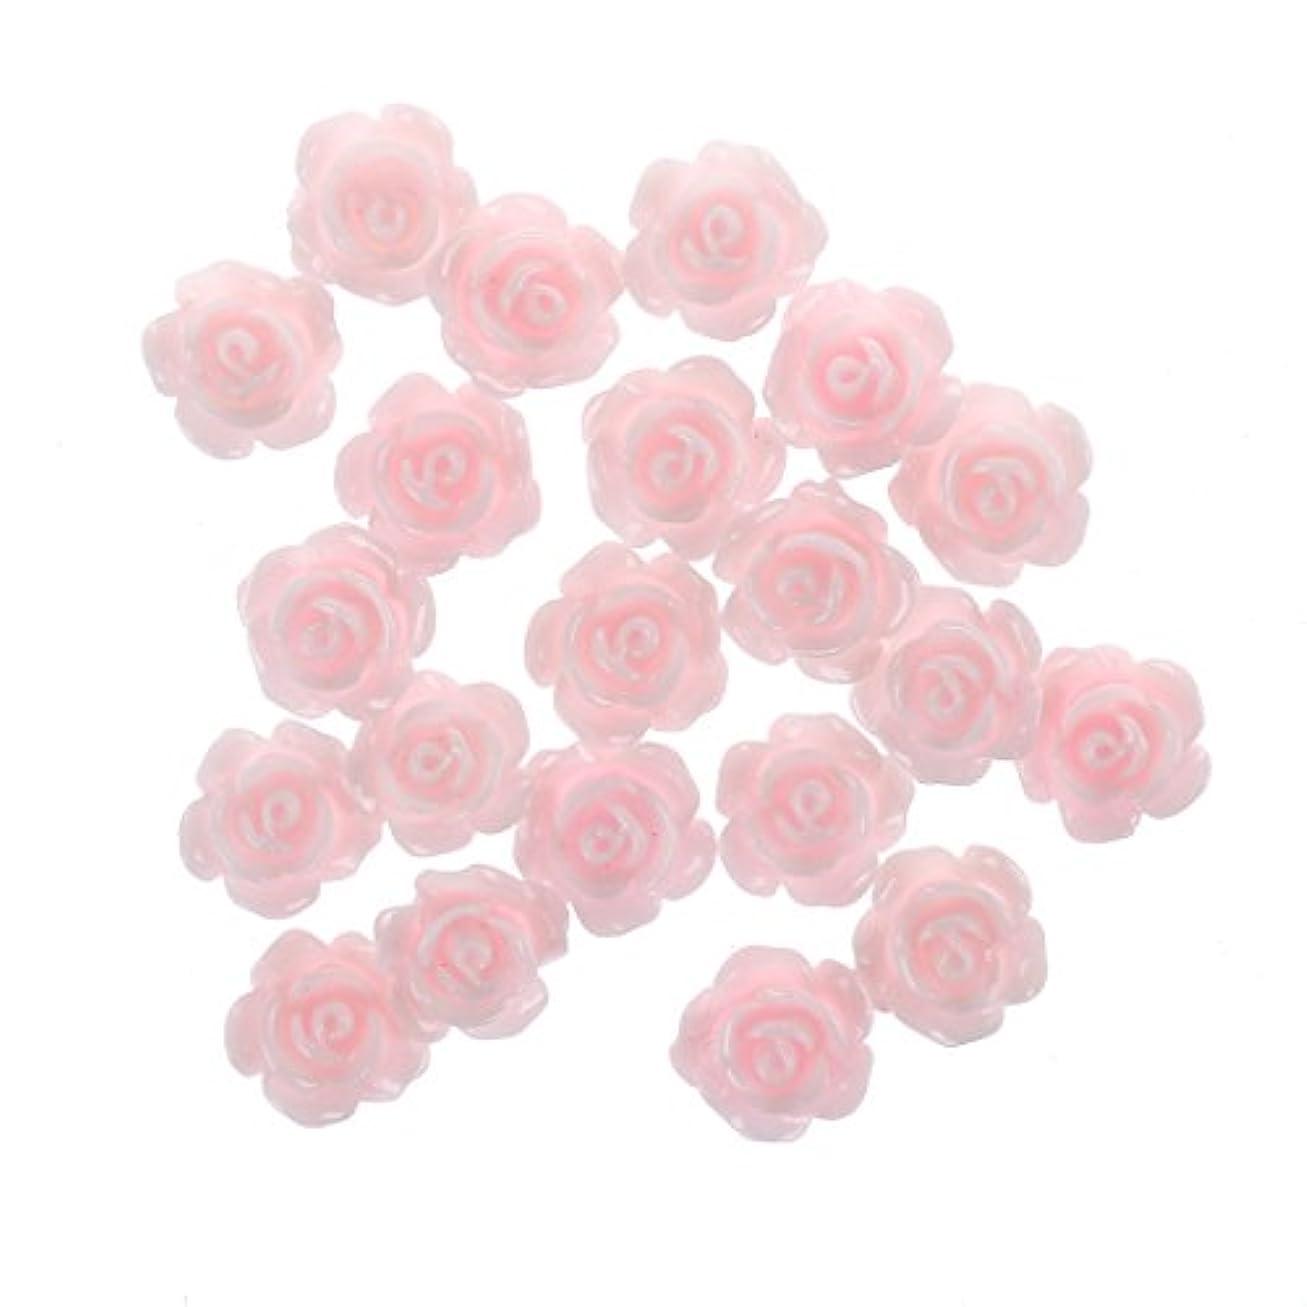 ファイター預言者顧問TYJP 20x3Dピンクの小さいバラ ラインストーン付きネイルアート装飾